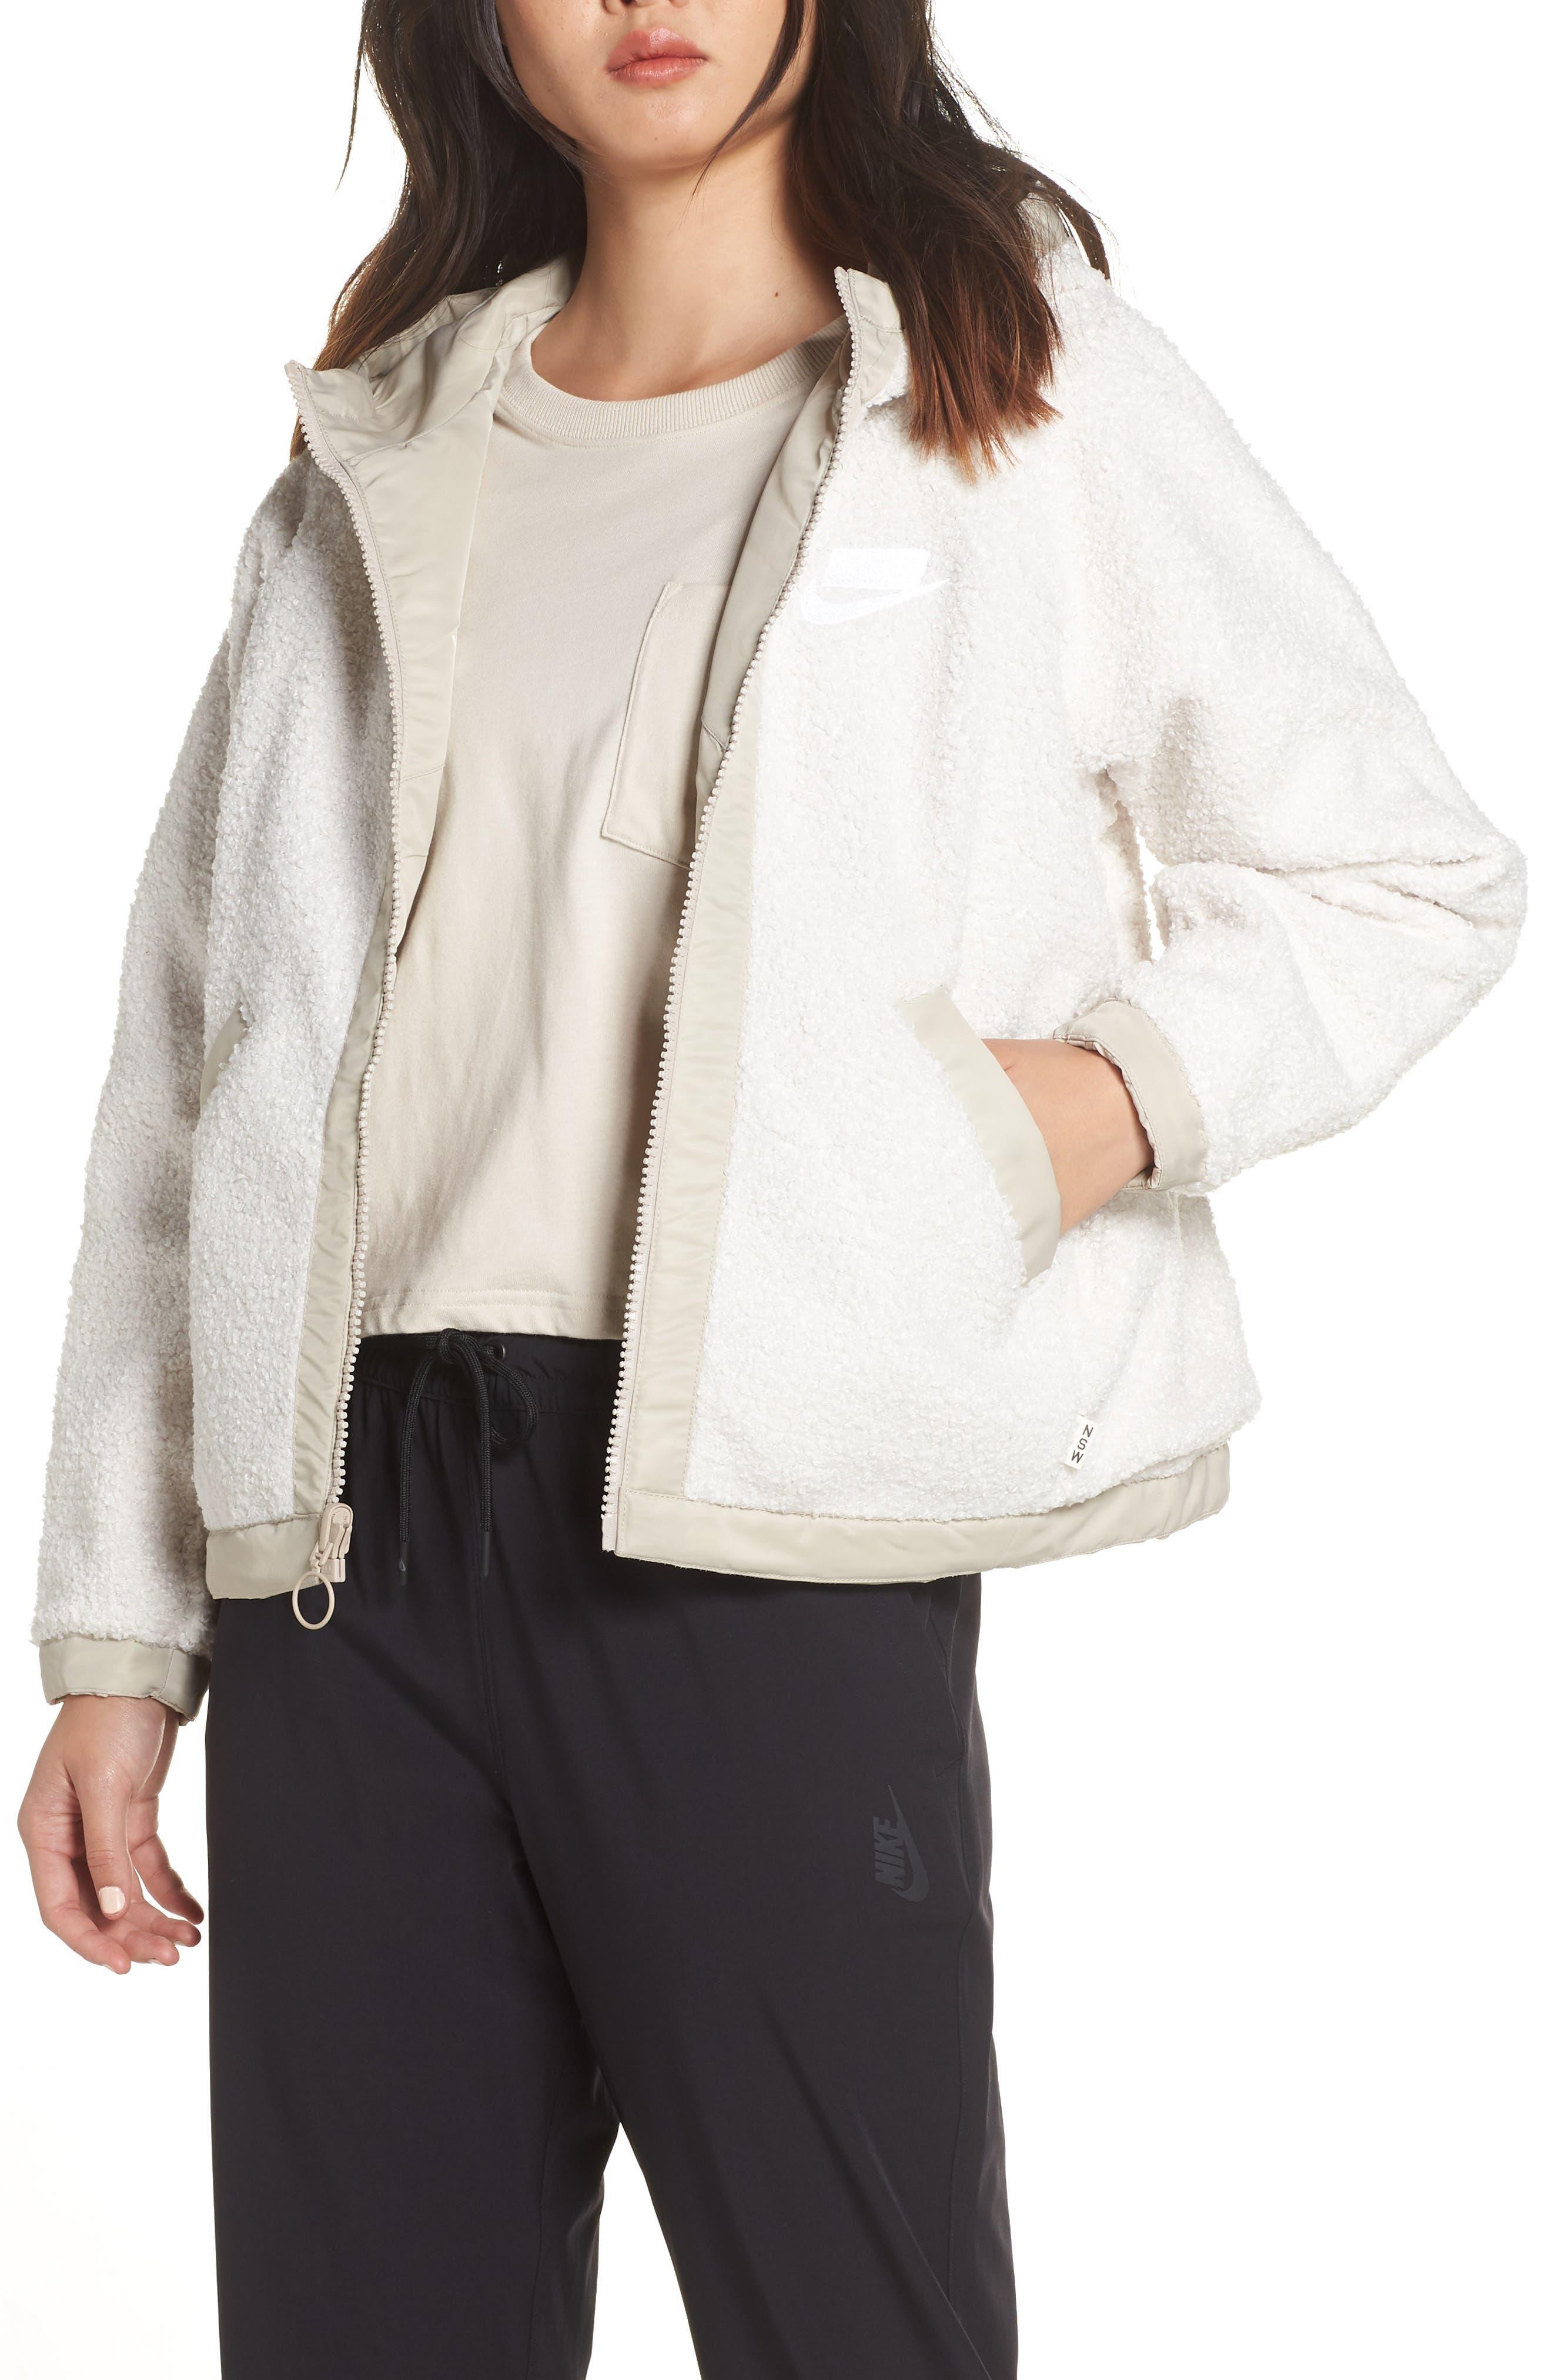 Nike Sportswear Reversible Full-Zip Fleece Jacket